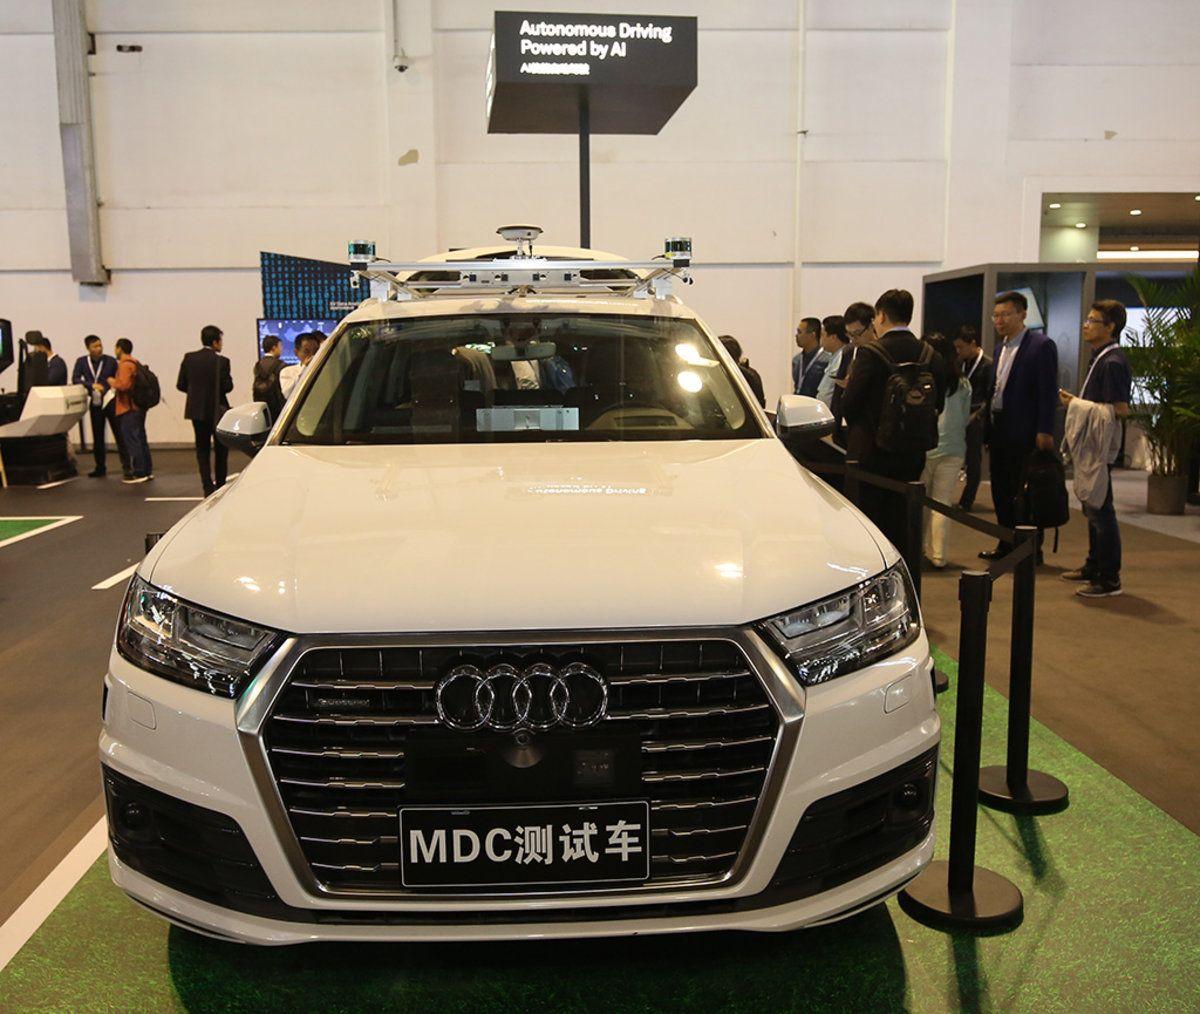 Audi ve Huawei otomatik sürüş teknolojileri için güçlerini birleştiriyor